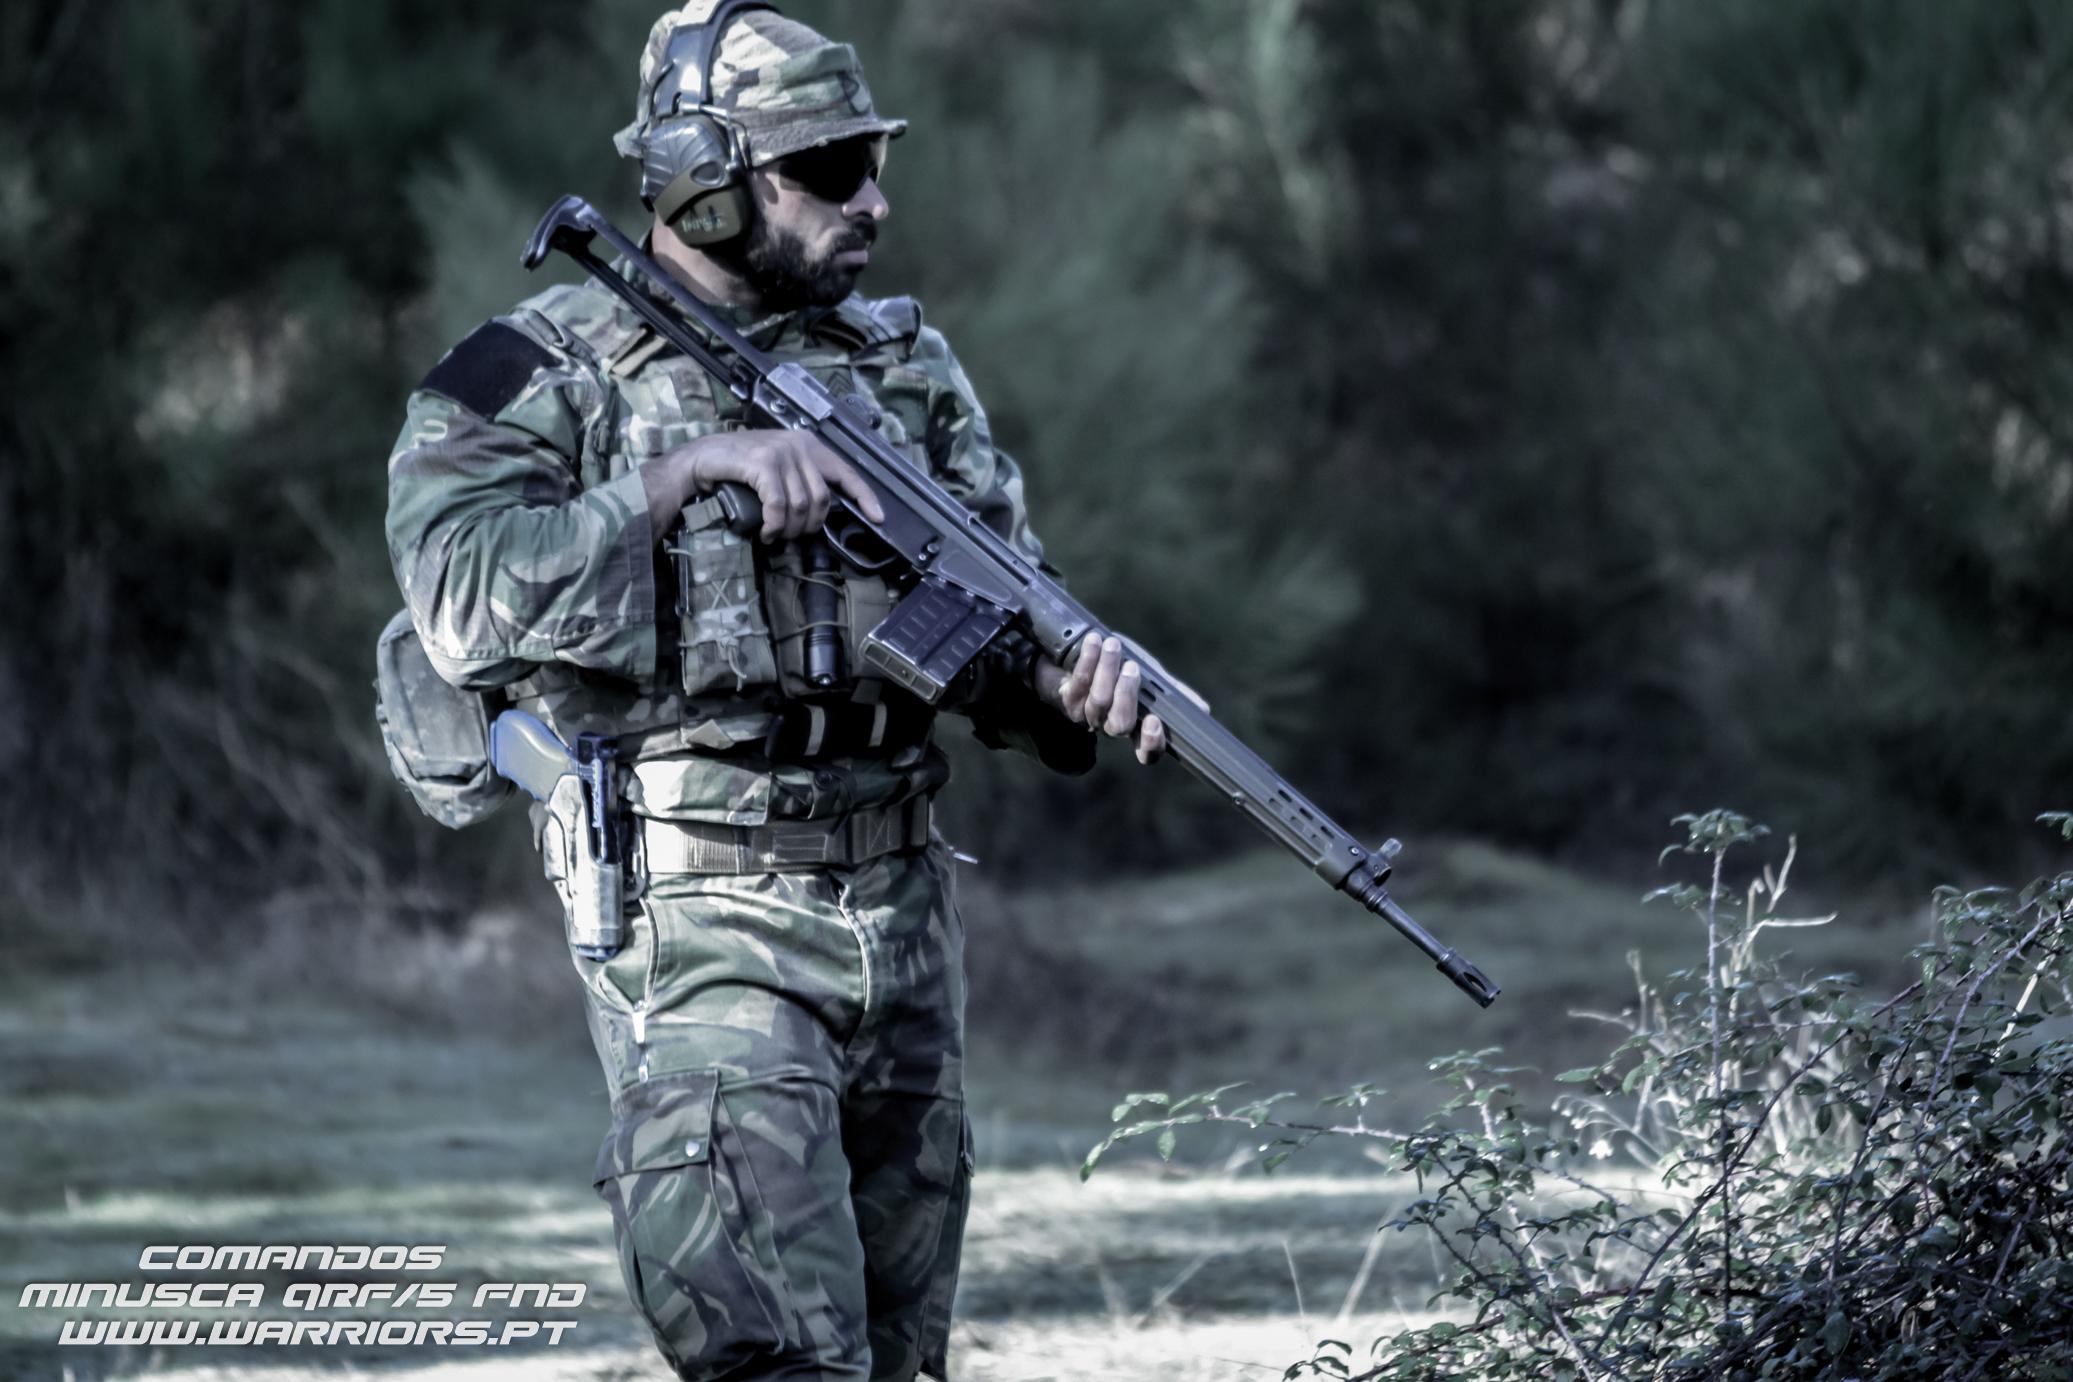 Portuguese Comando/Commando